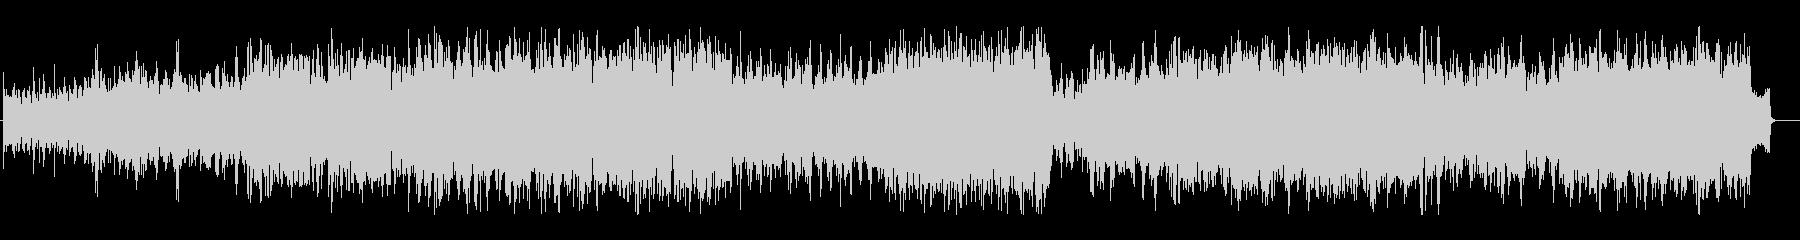 アイリッシュ・ケルト・伝統の未再生の波形